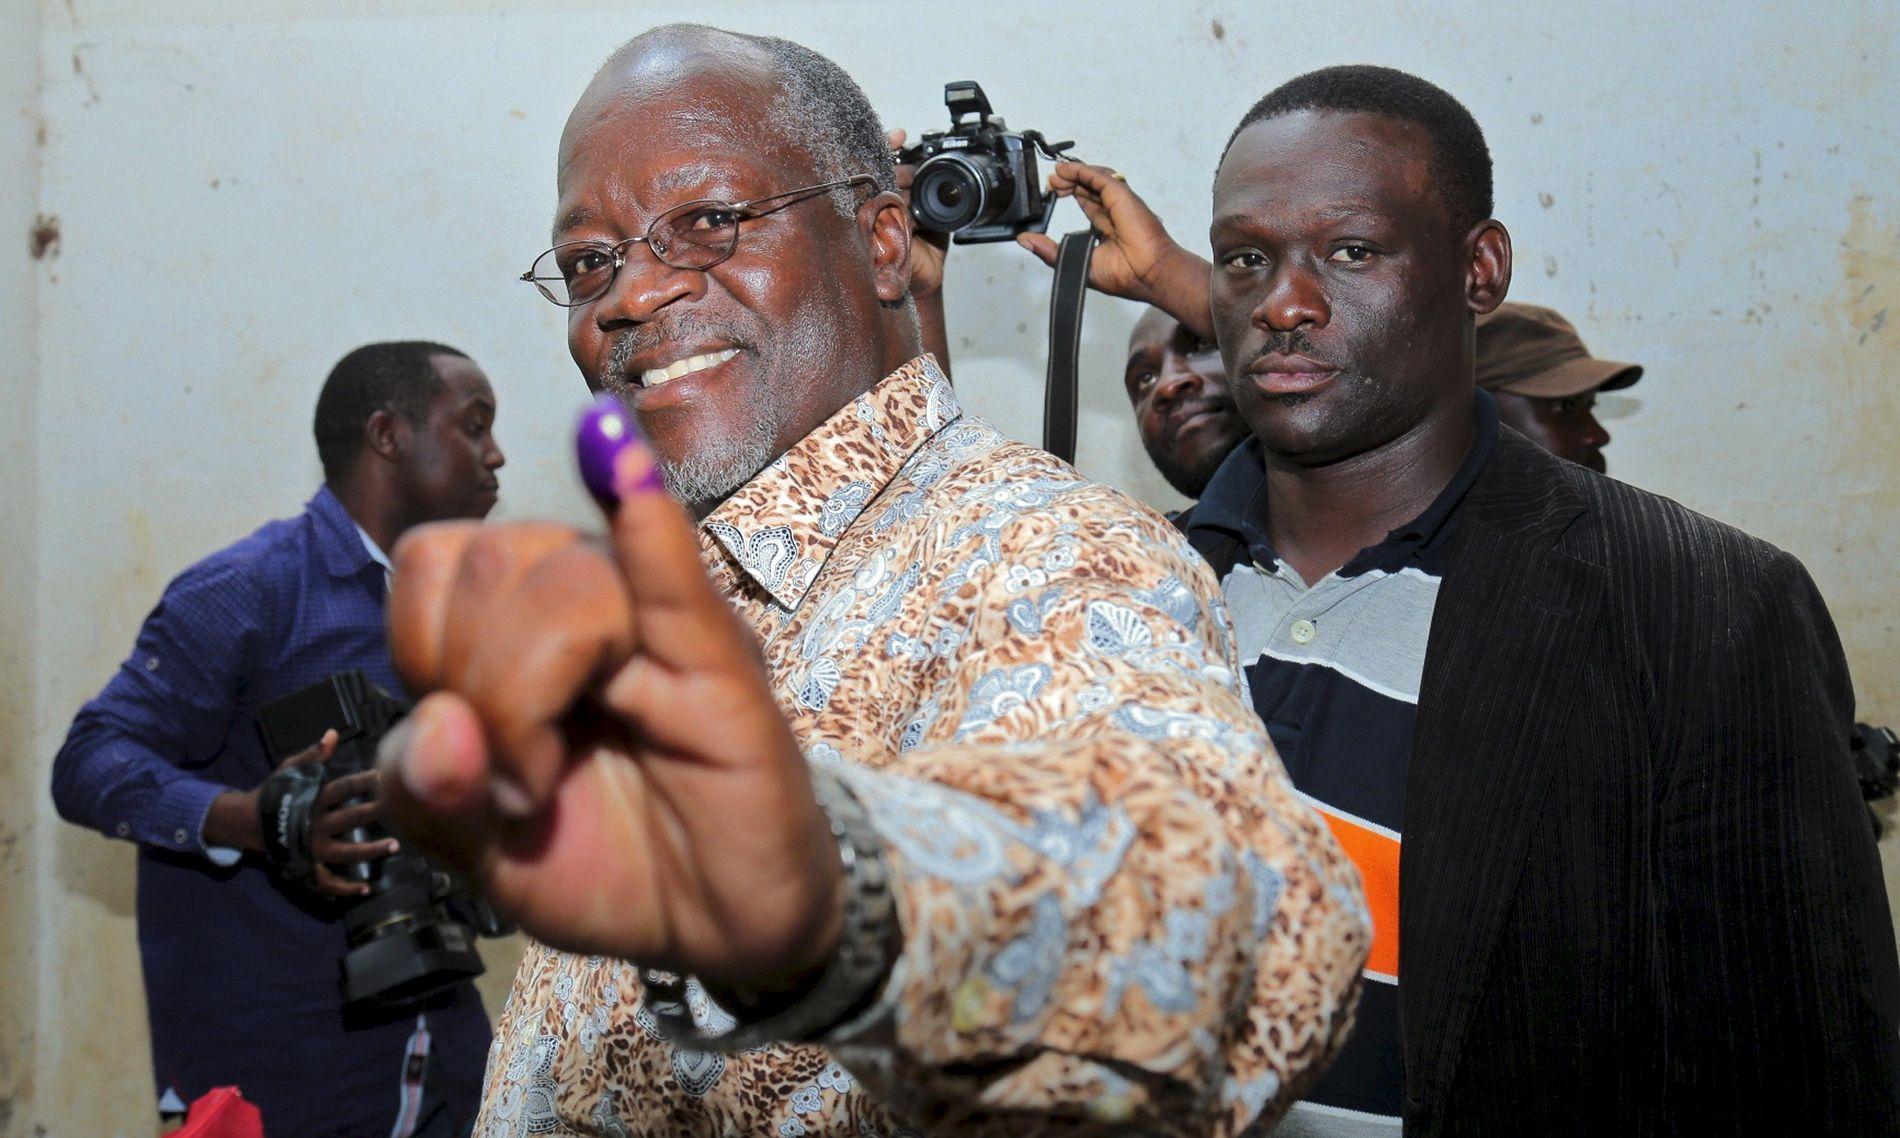 President John Magufuli har strammet inn mot Tanzanias homofile. – Reagerer vi på feil måte på dette, kan situasjonen for lhbt-personer i landet bli verre, skriver kronikkforfatteren.